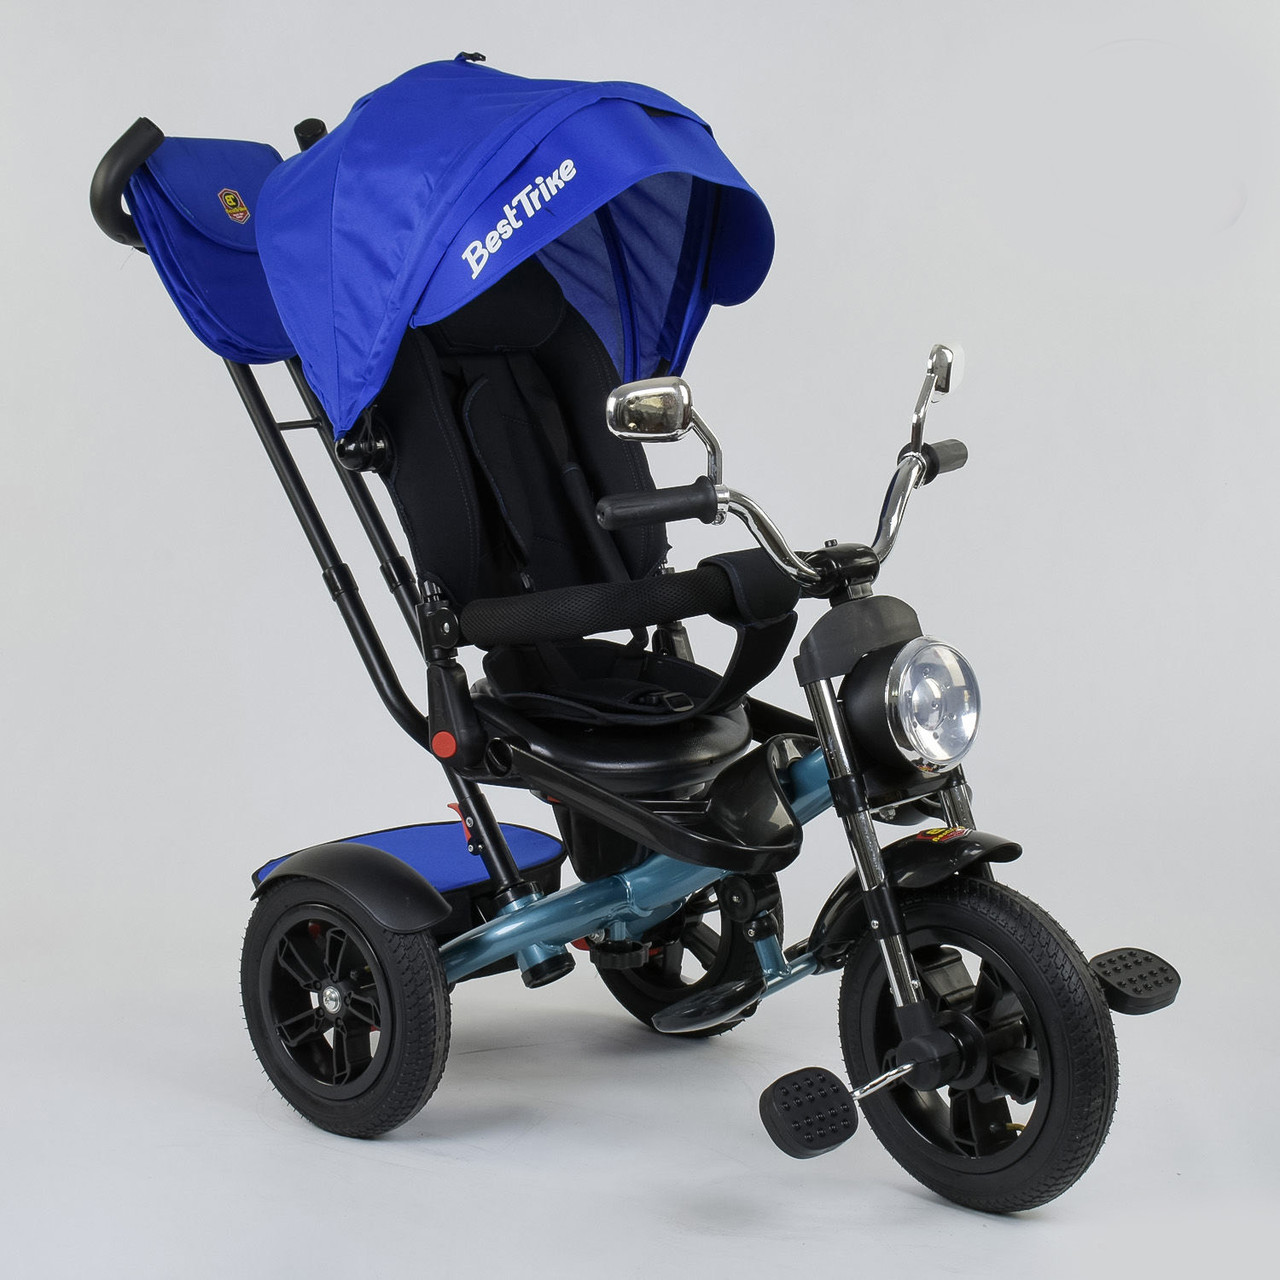 Детский велосипед трехколесный с родительской ручкой и поворотным сиденьем Best Trike 4490 - 2761, синий